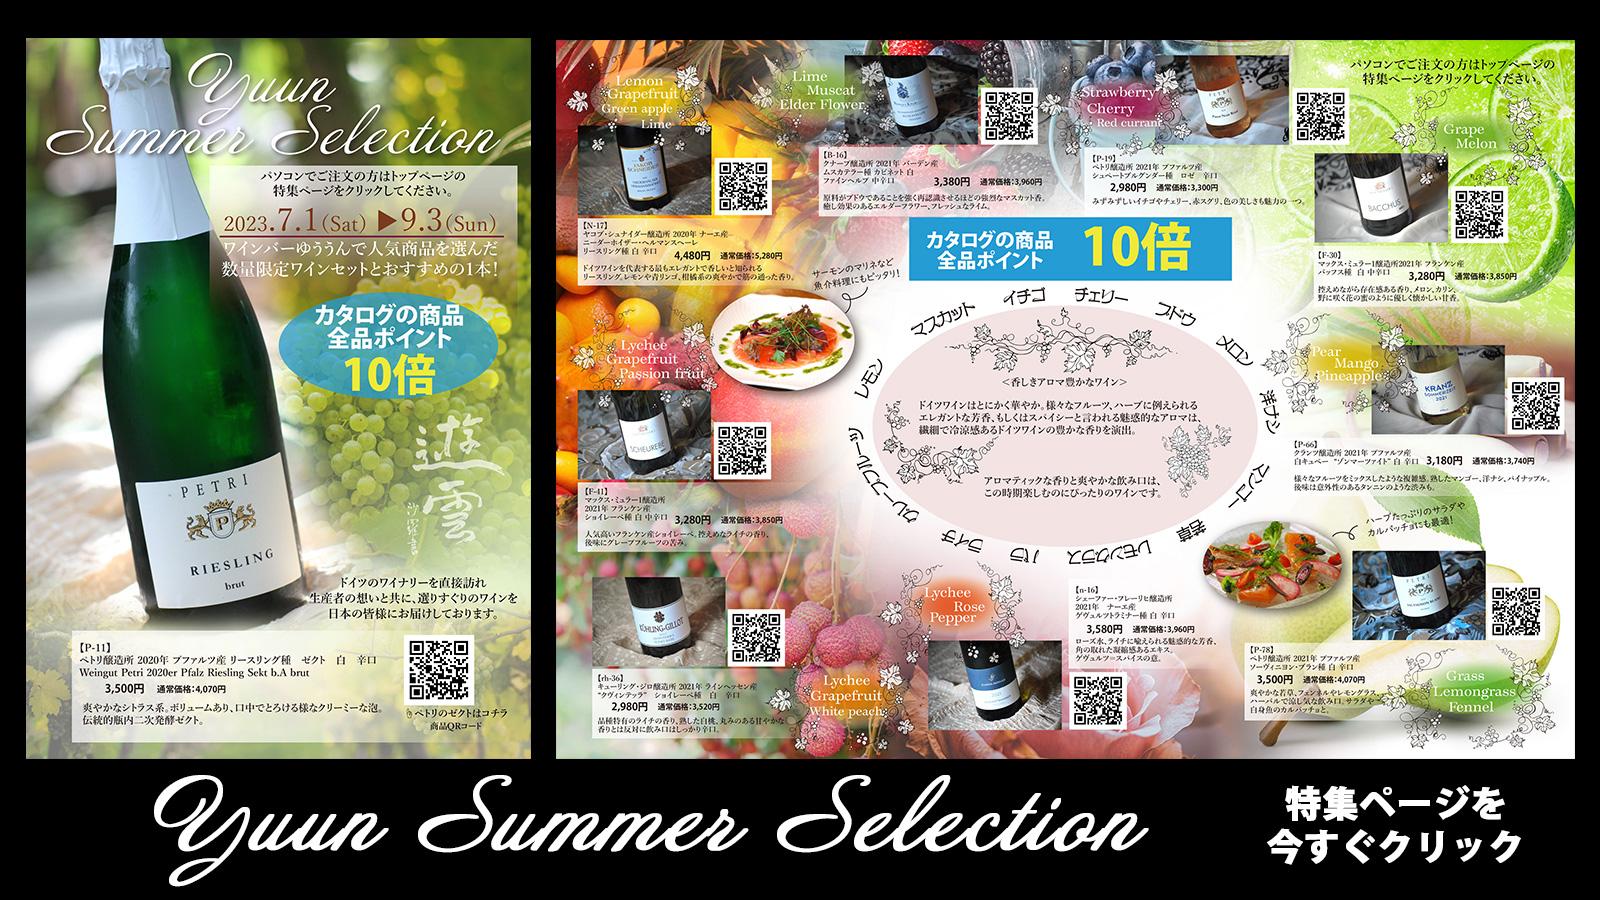 ドイツワインバーゆううん赤坂